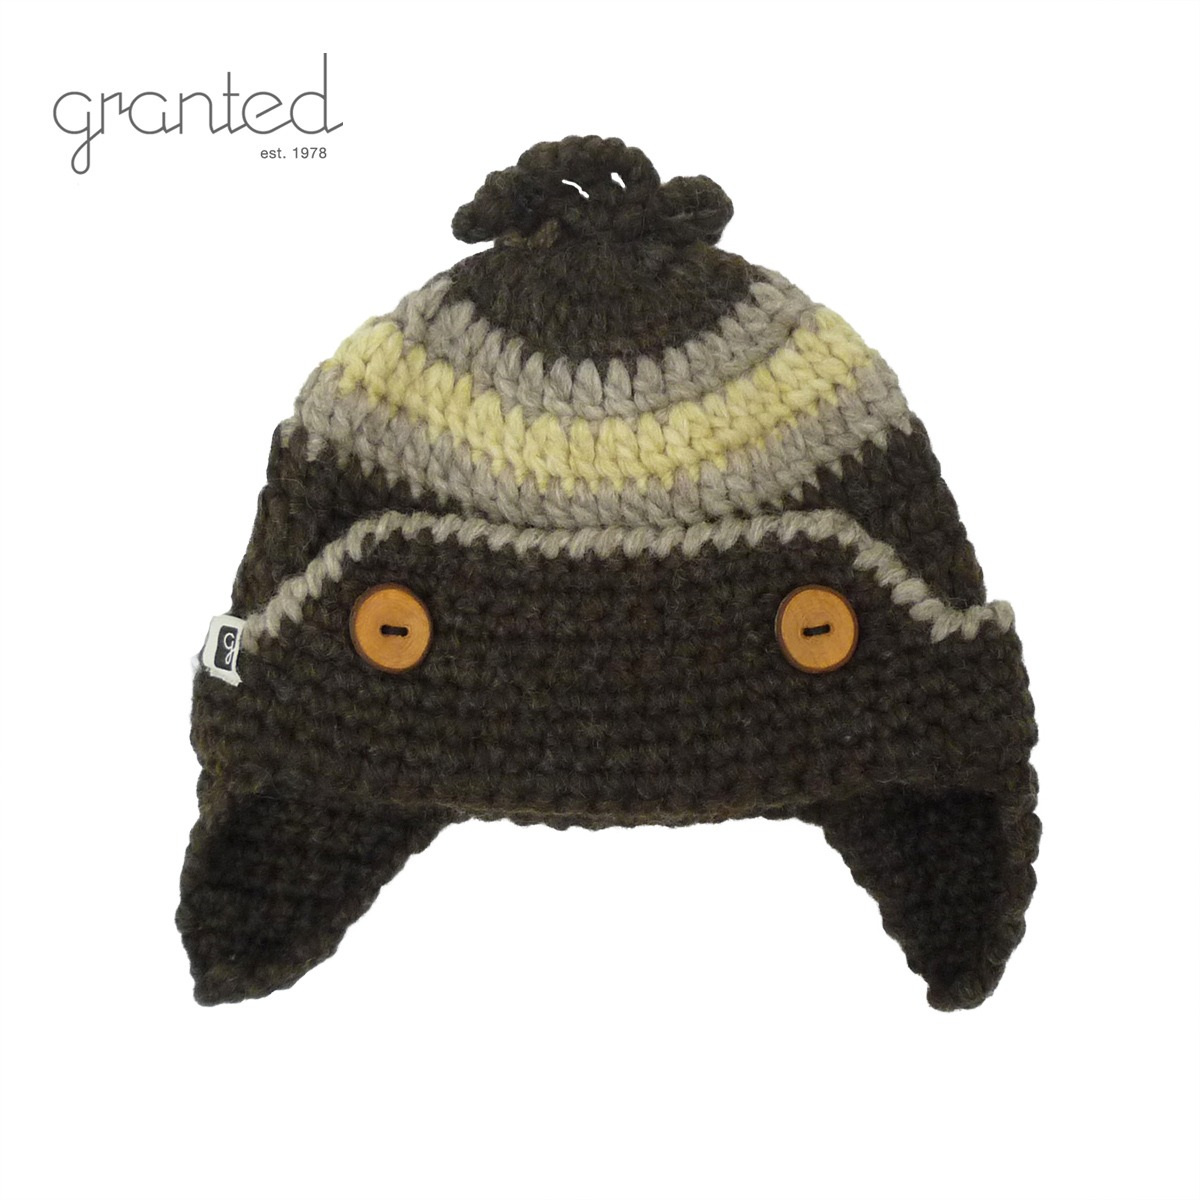 GRANTED グランテッド KNIT CAP FLAT EAR BUTTON HAT メンズ/レディース ブラウン FREE[ニット帽 ウールキャップ キャップ 帽子 耳あて ウール ニット カナダ製 ブランド アメカジ アウトドア 茶色]